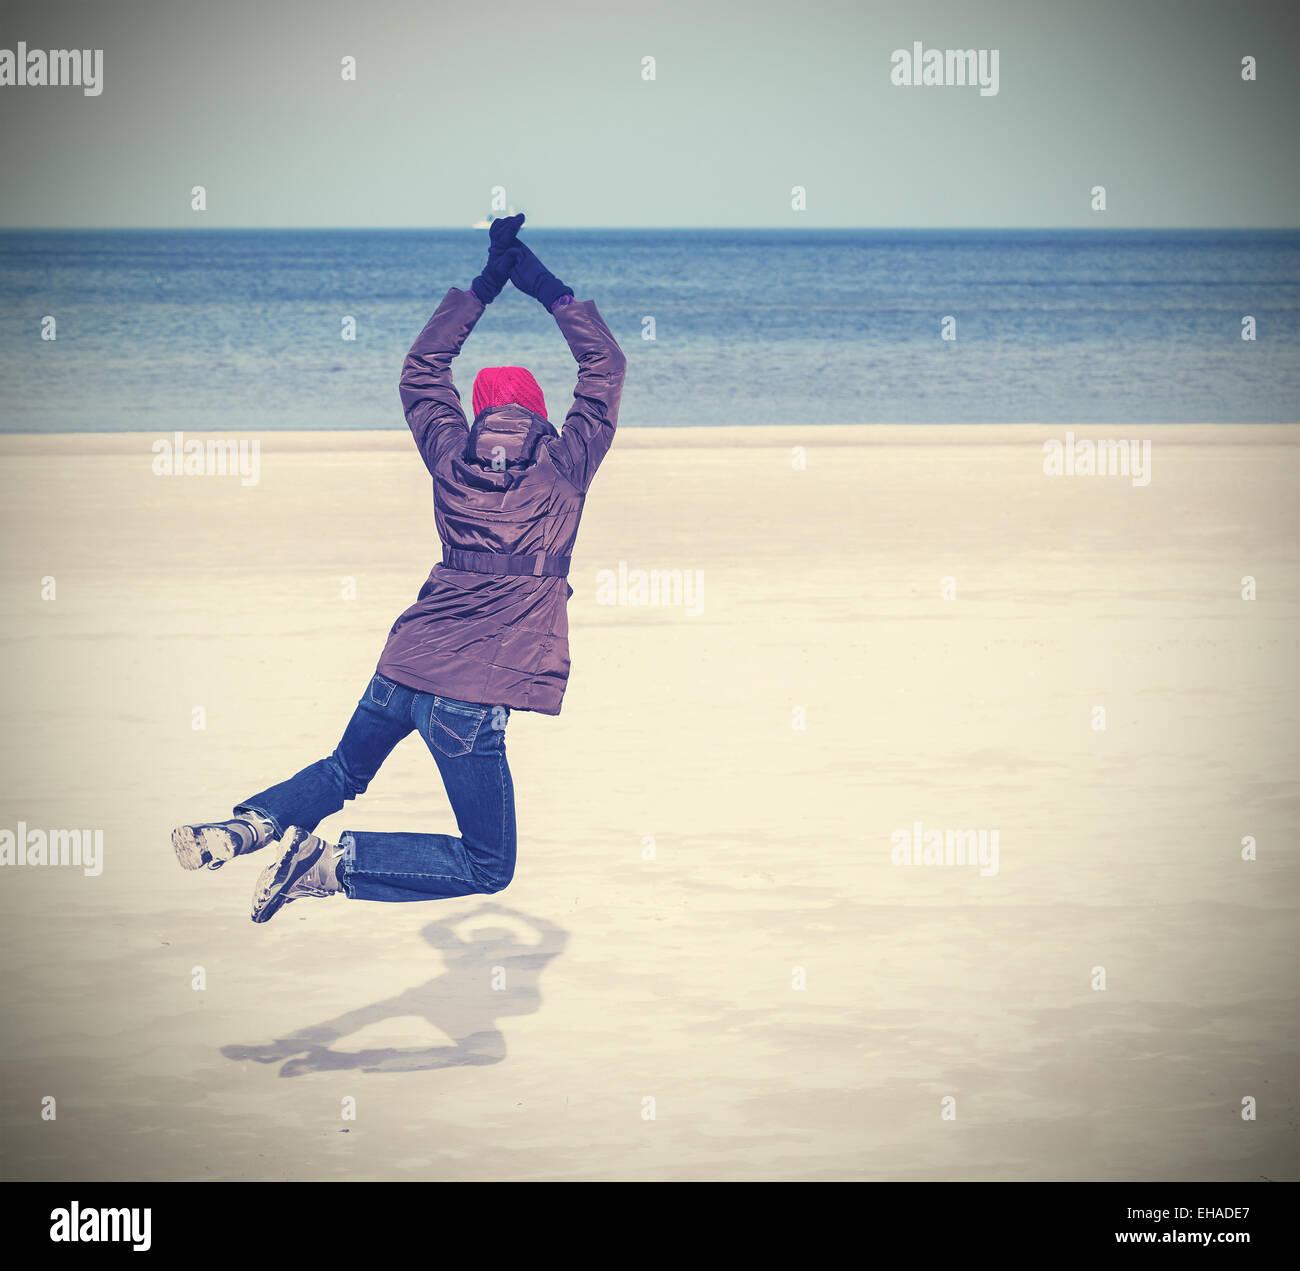 Retro photo filtrée de femme sautant sur la plage, l'hiver de vie actif concept, l'espace pour le texte. Photo Stock